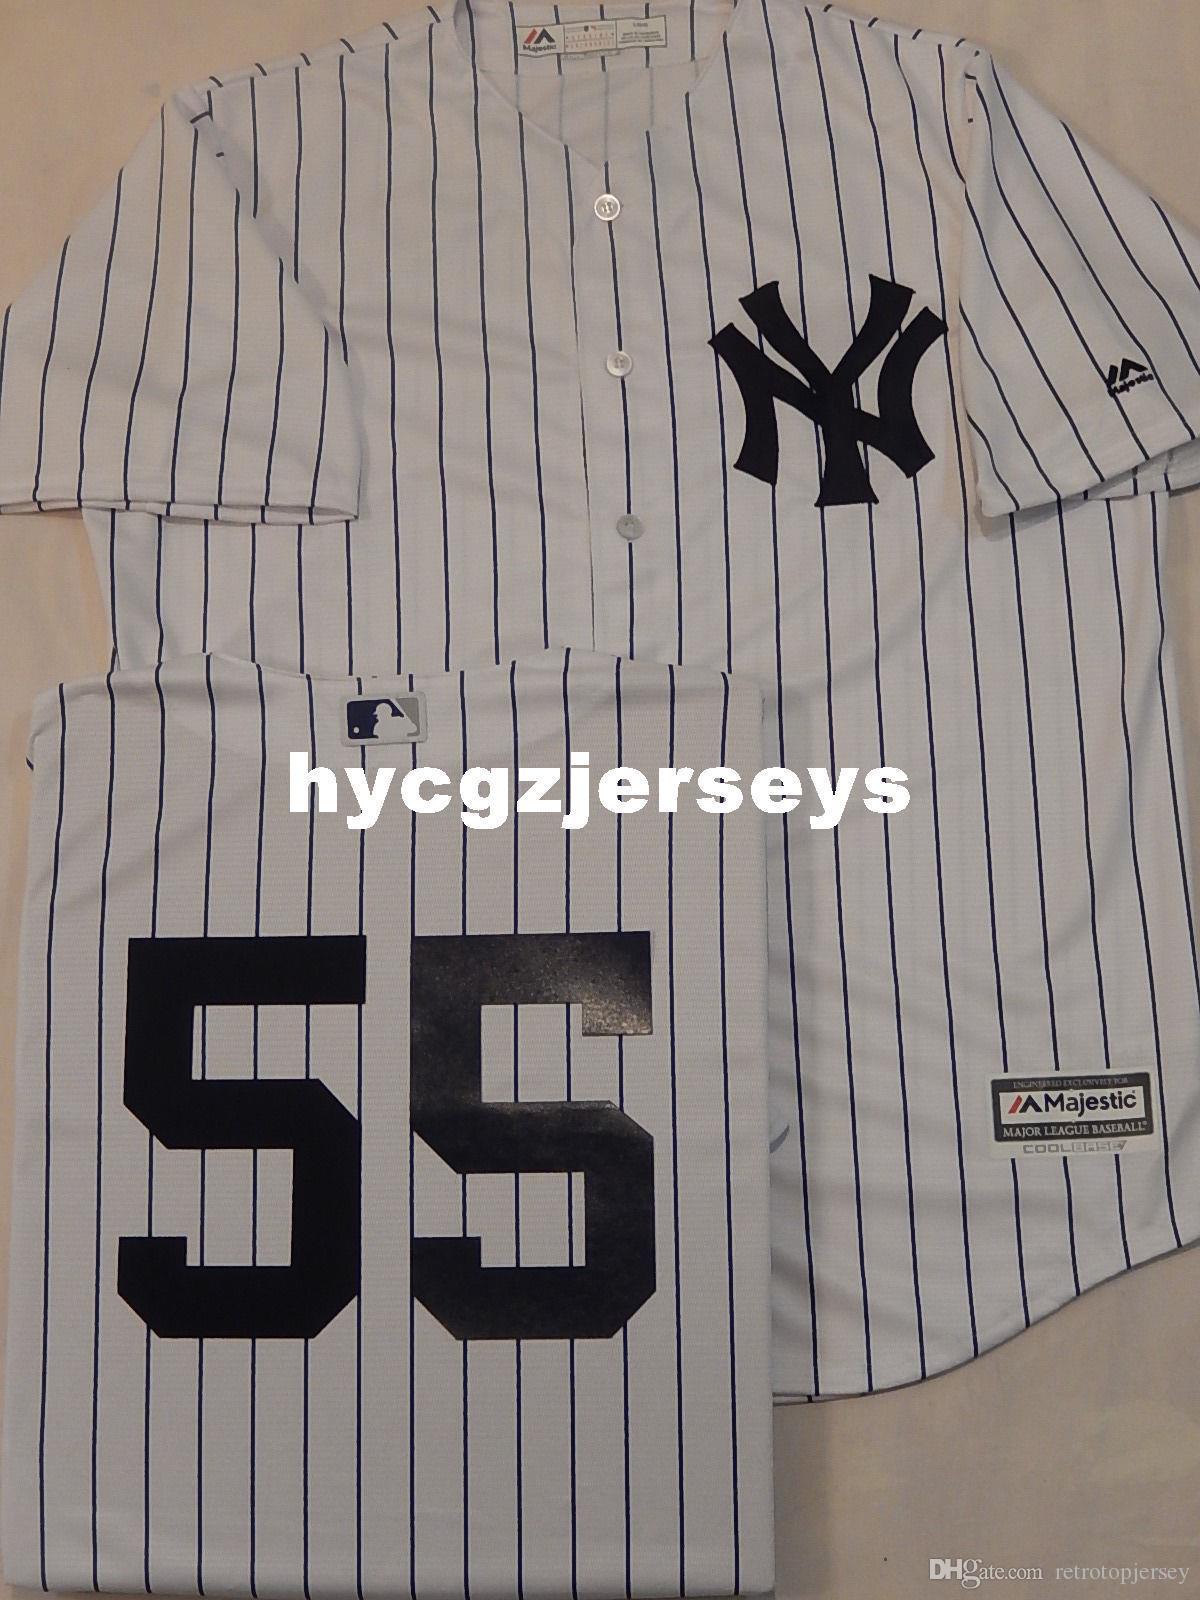 Cheap baseball NY # 55 SONNY GRIGIO Sewn camicia basso freddo Jersey WHT P / S Nuovo Mens cucita maglie grande e grosso formato XS-6XL In vendita